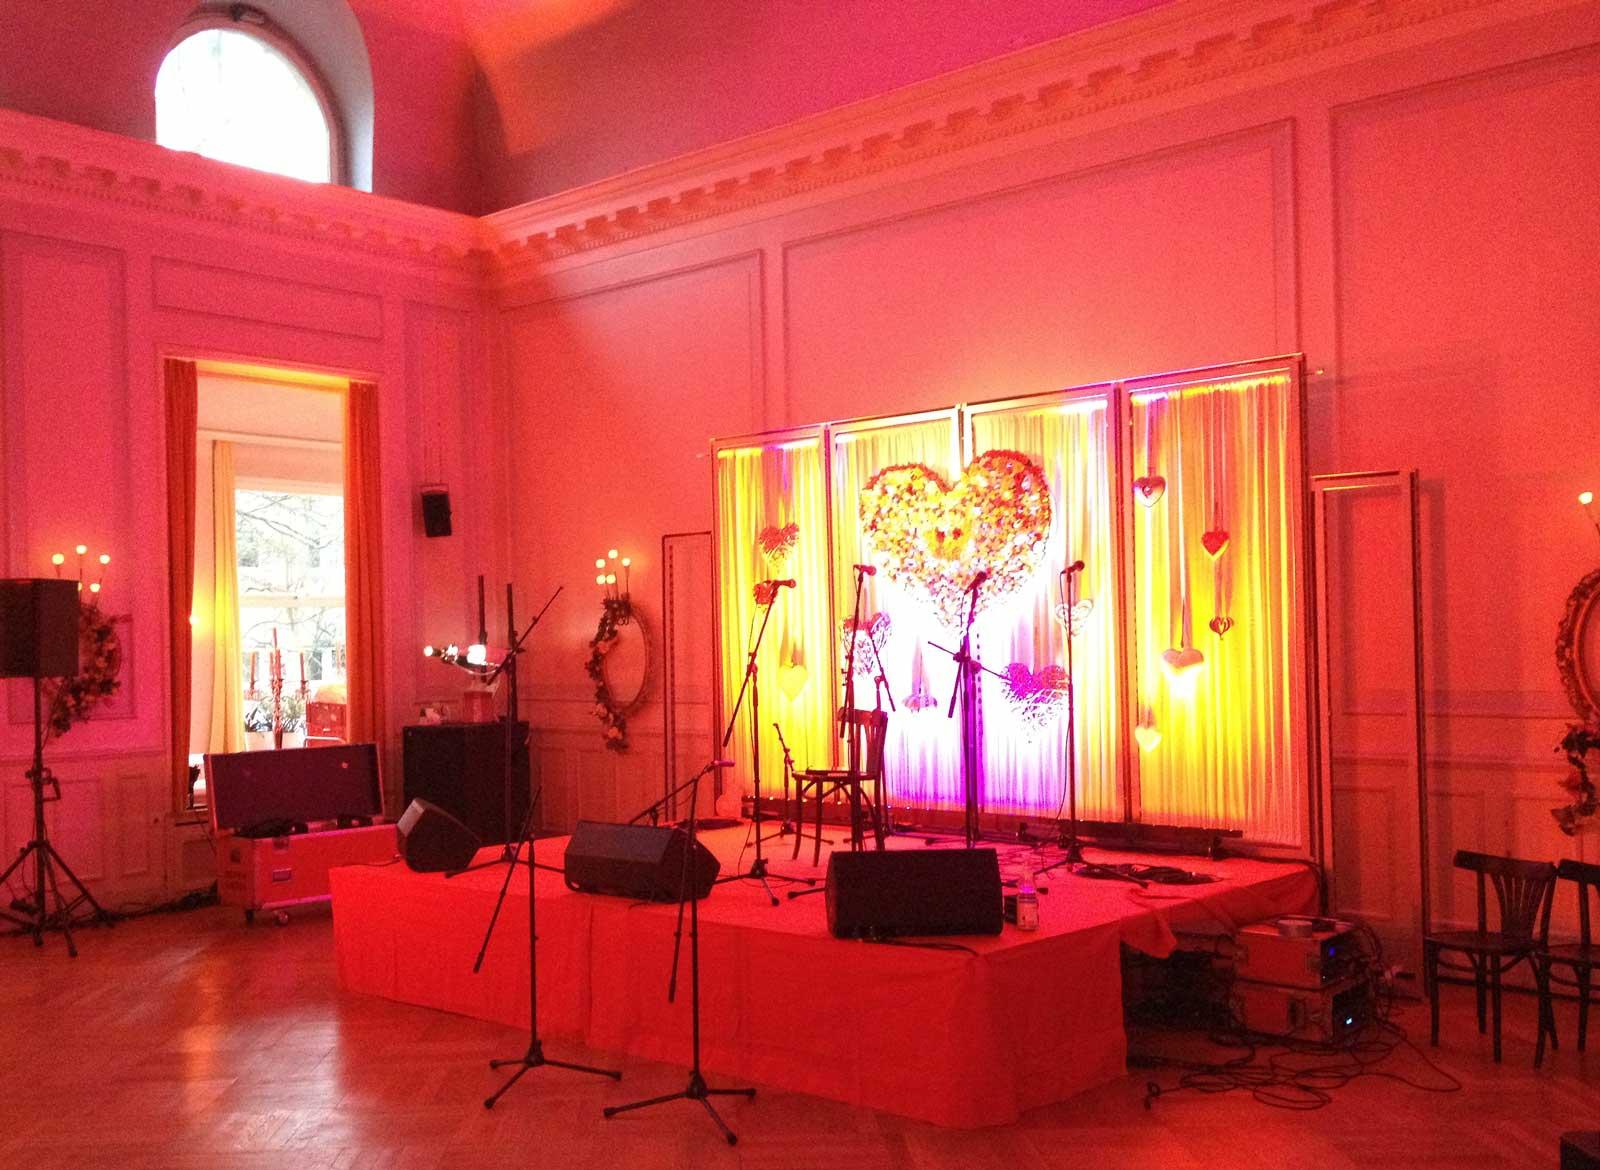 Bühne im Rotlicht: Event Agentur creative Service Drummer, Berlin